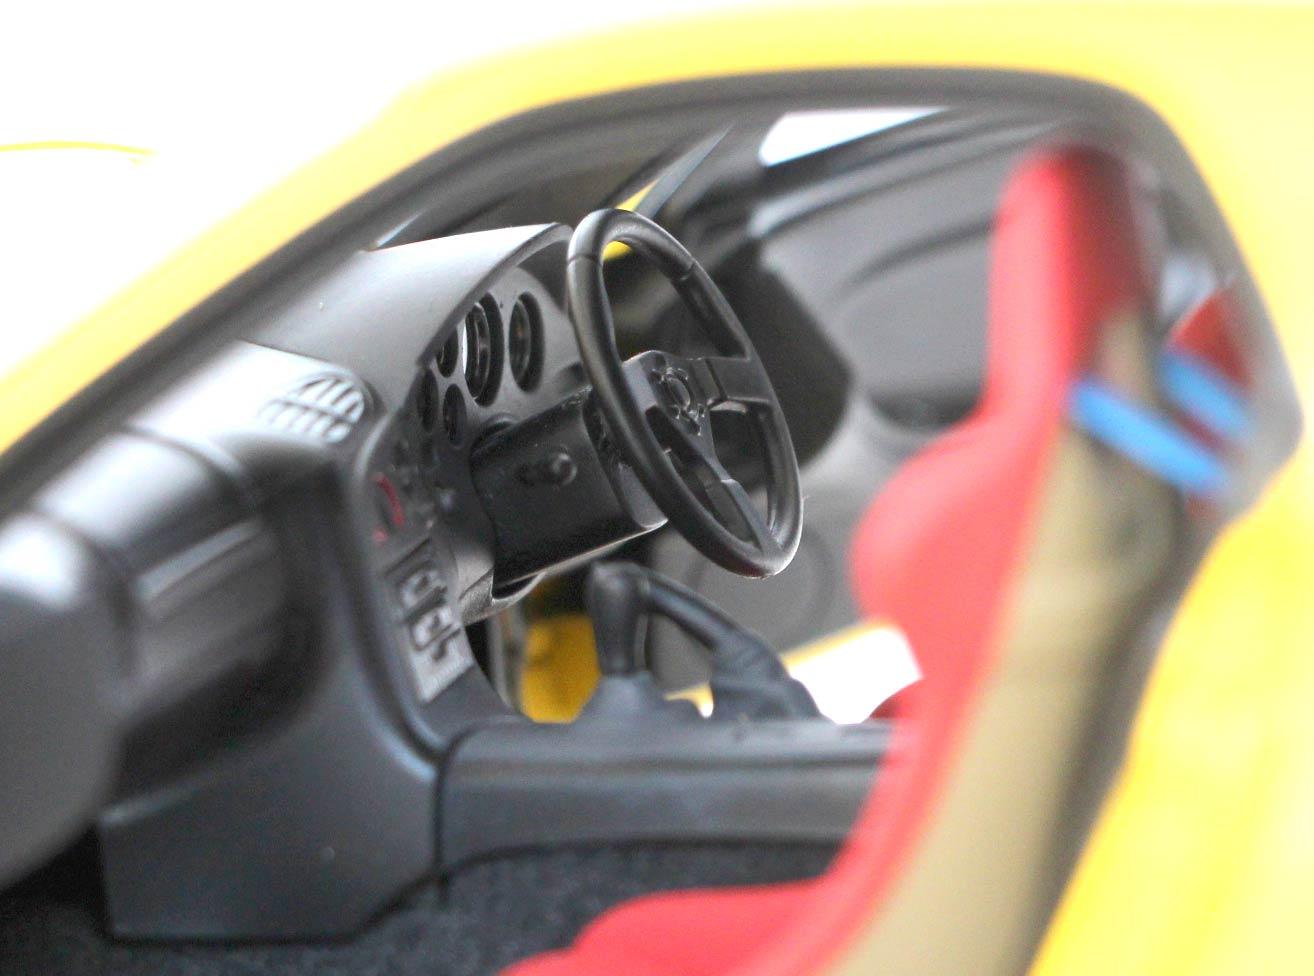 tableau de bord de la Mazda RX 7 AUTOart ech 1/18 - Initial D